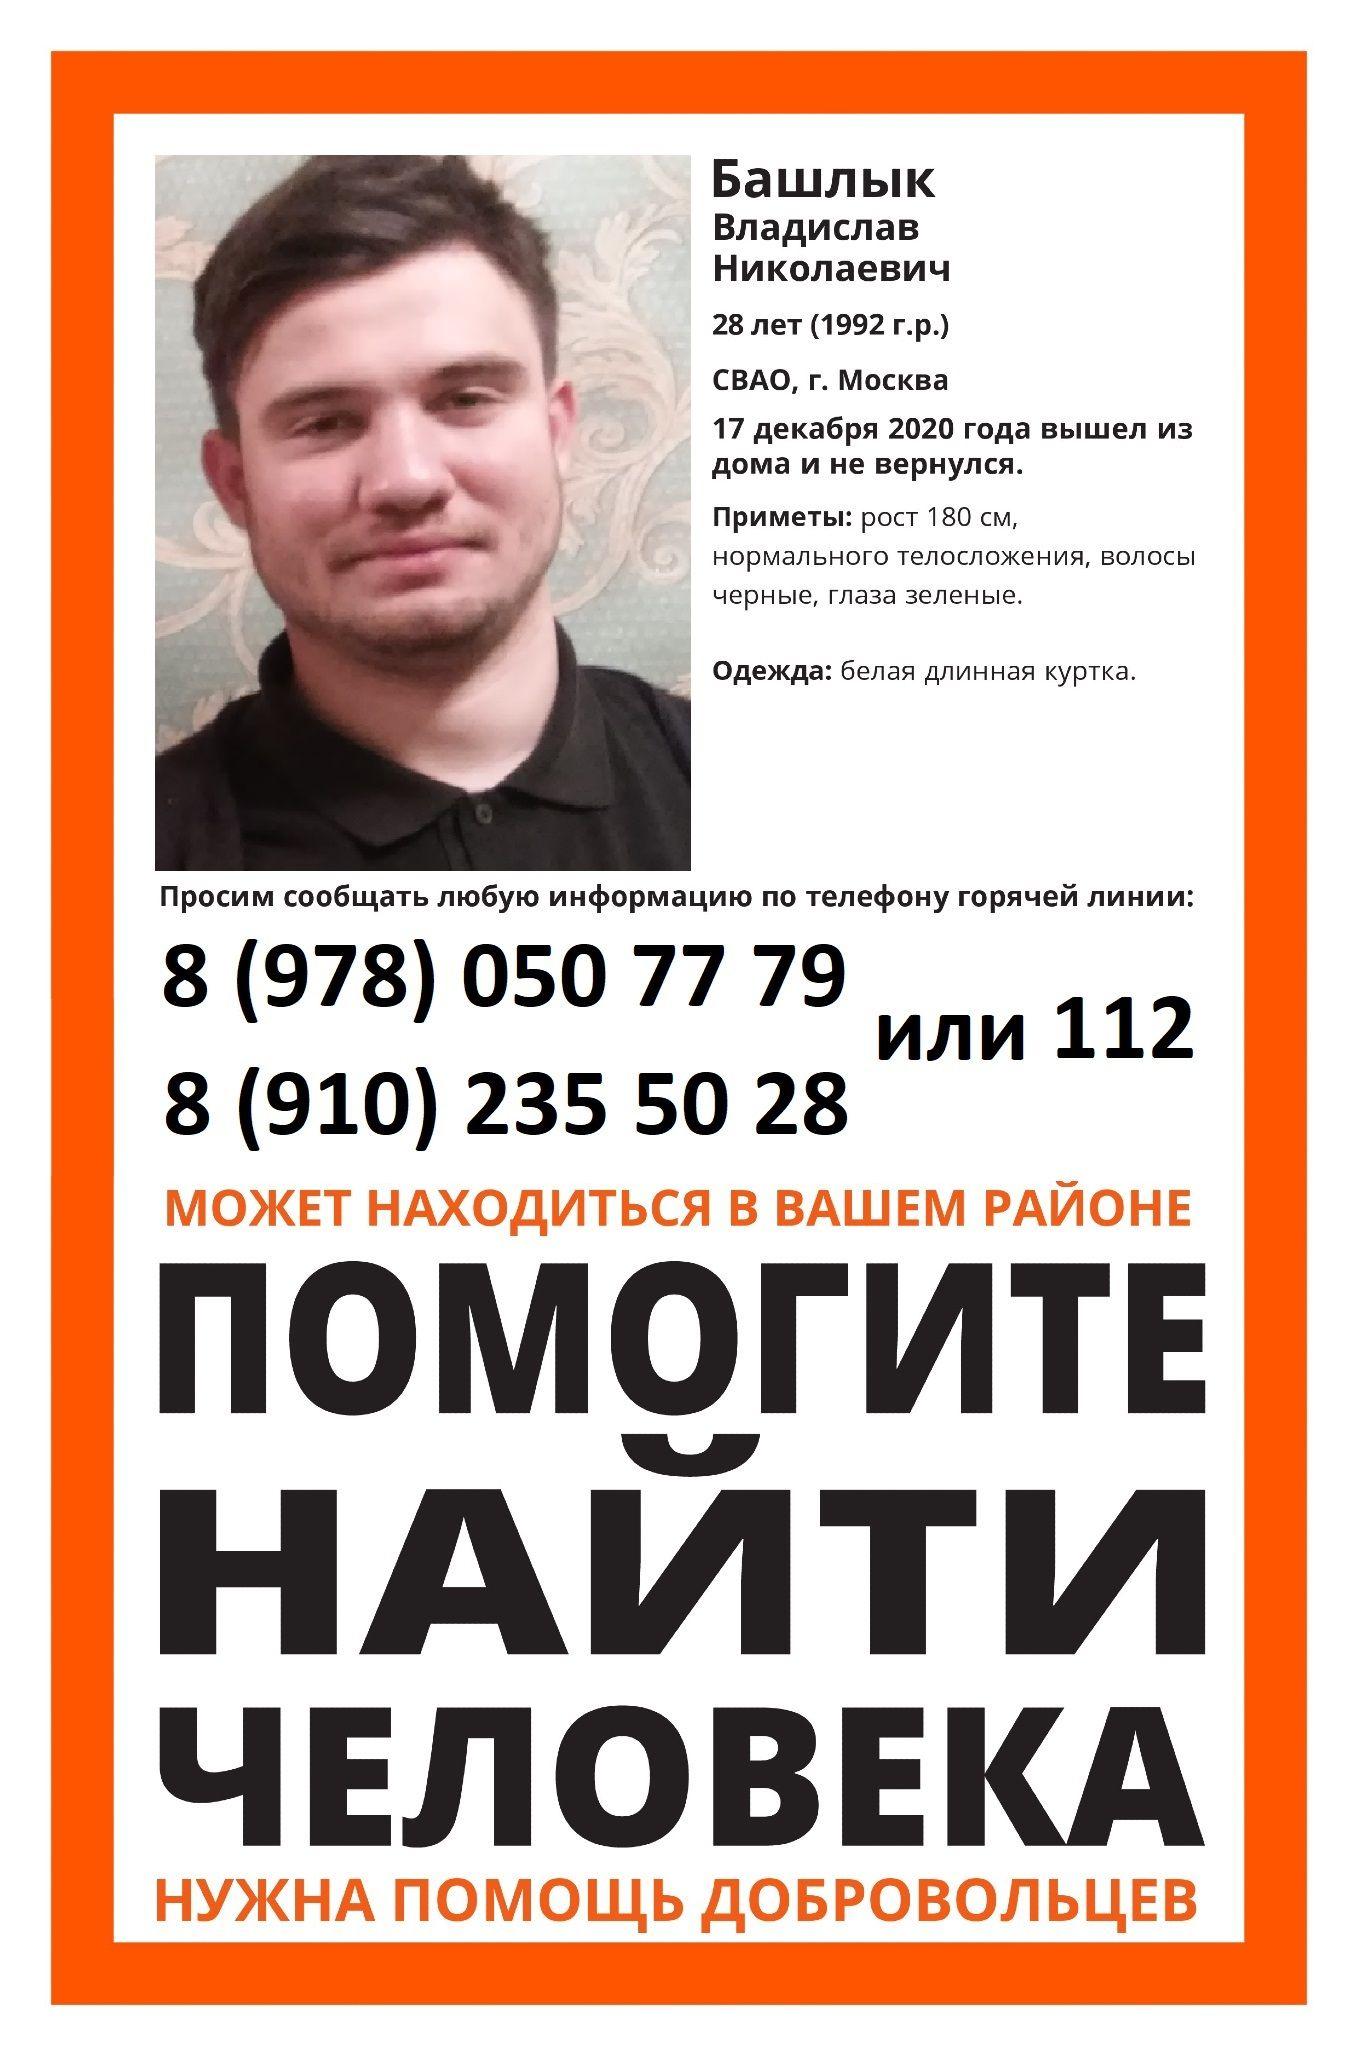 В Костроме разыскивают москвича, переболевшего коронавирусом